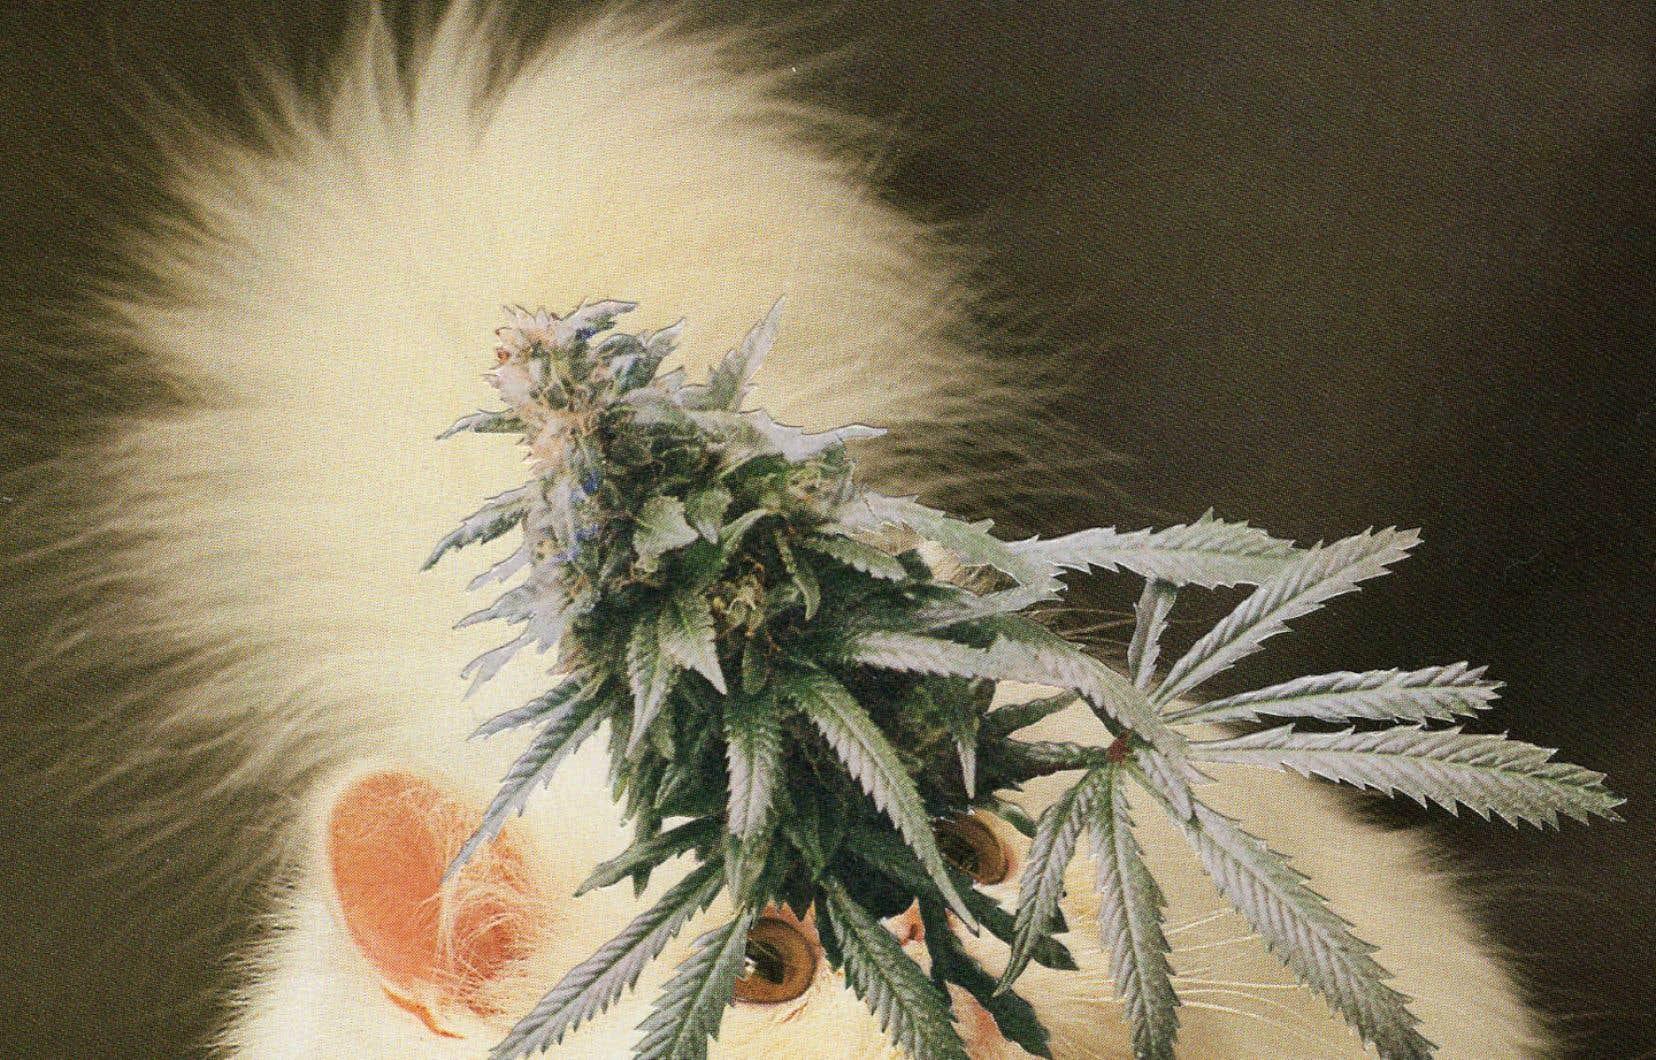 Le magazine «Broccoli» explore le thème du cannabis sous différentes facettes, notamment sa représentation dans l'art.